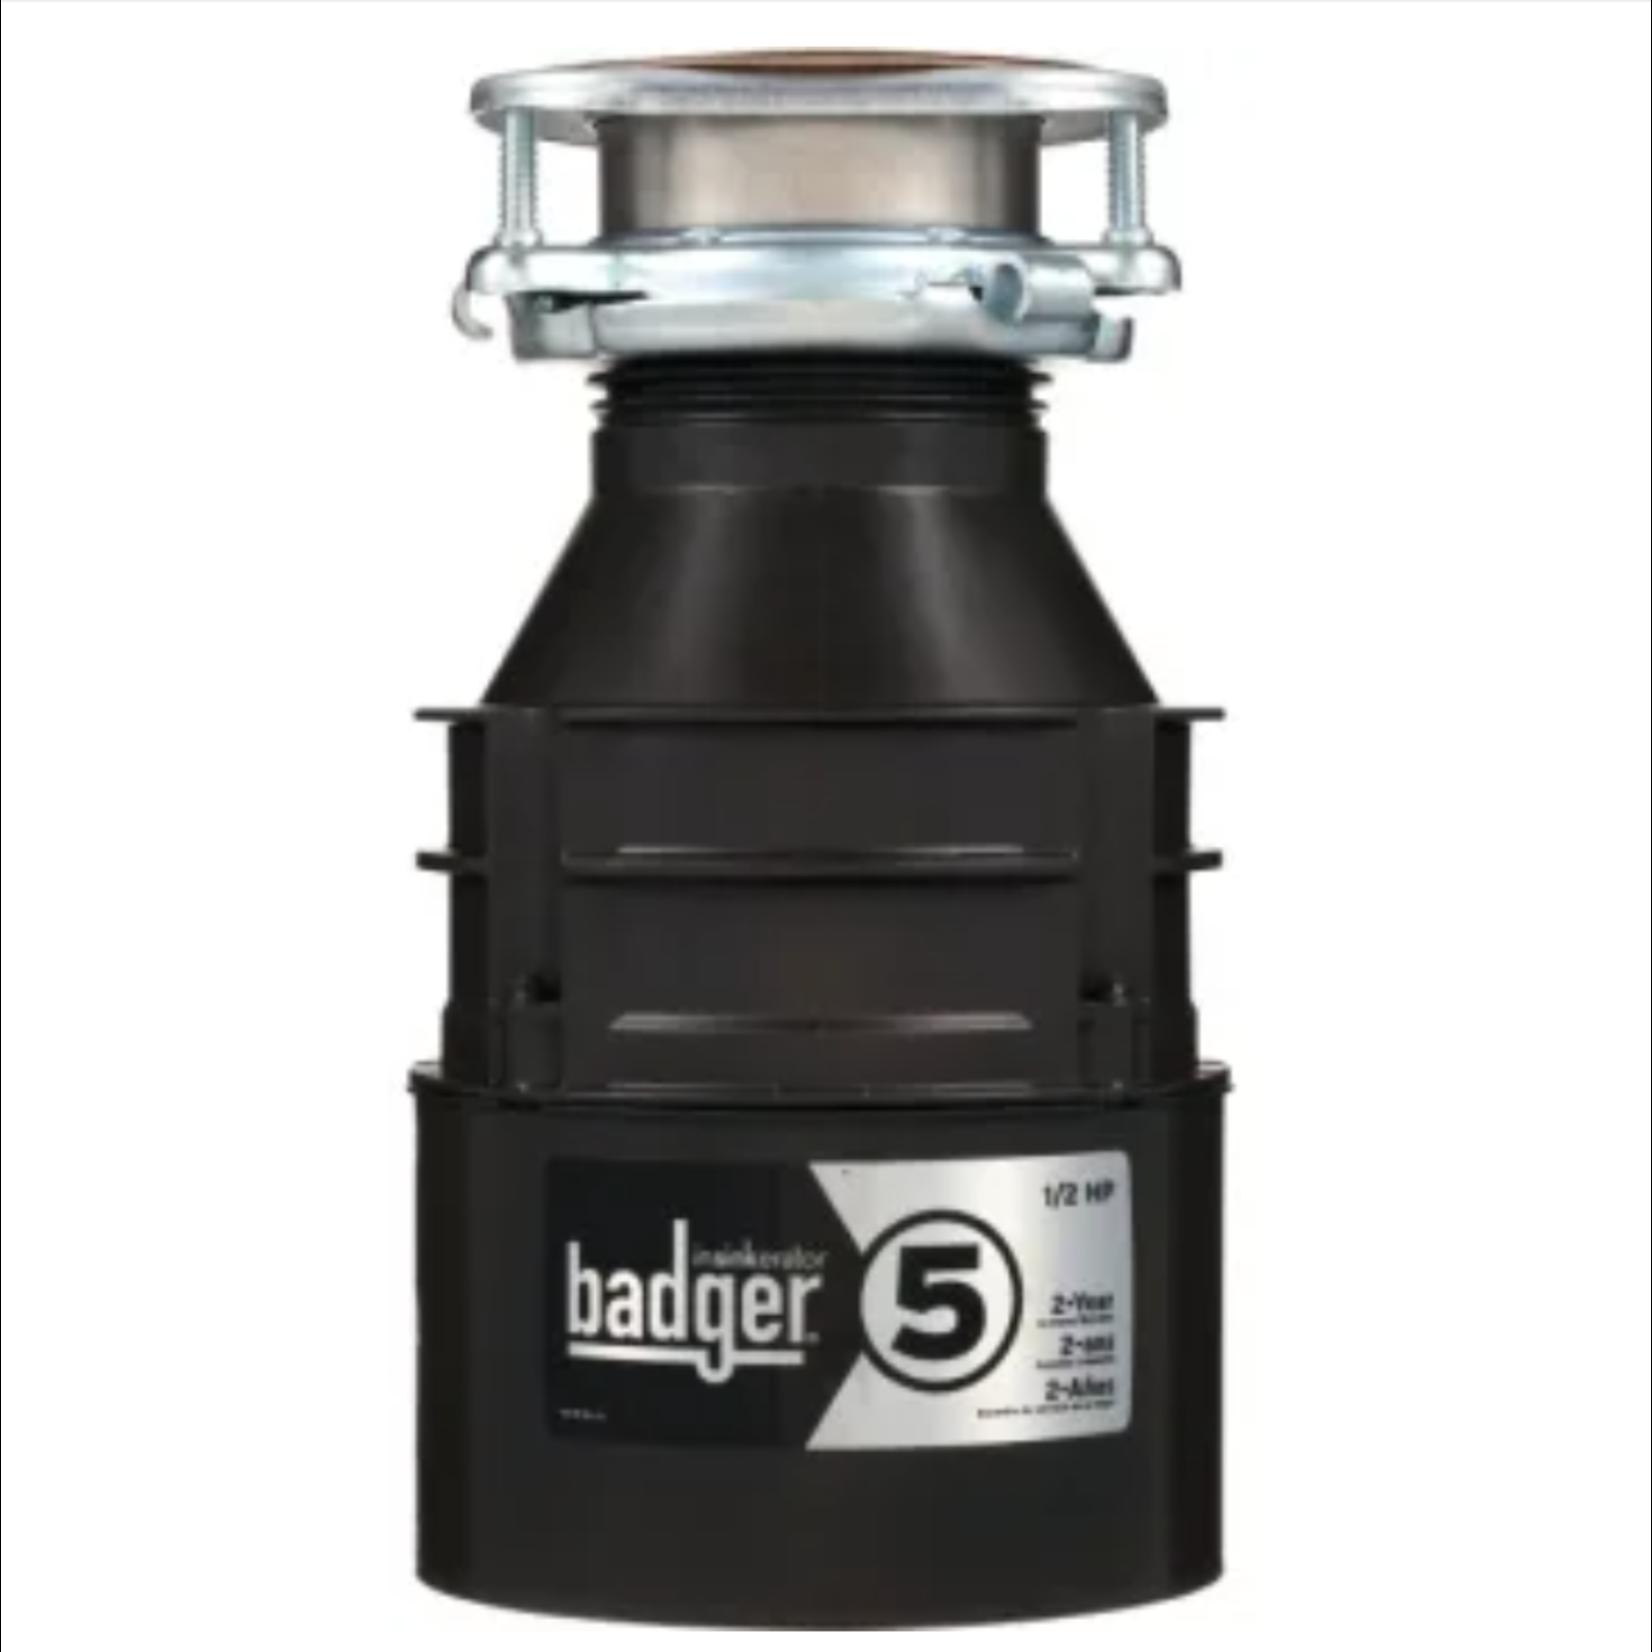 10139 InSinkErator Badger Garbage Disposal